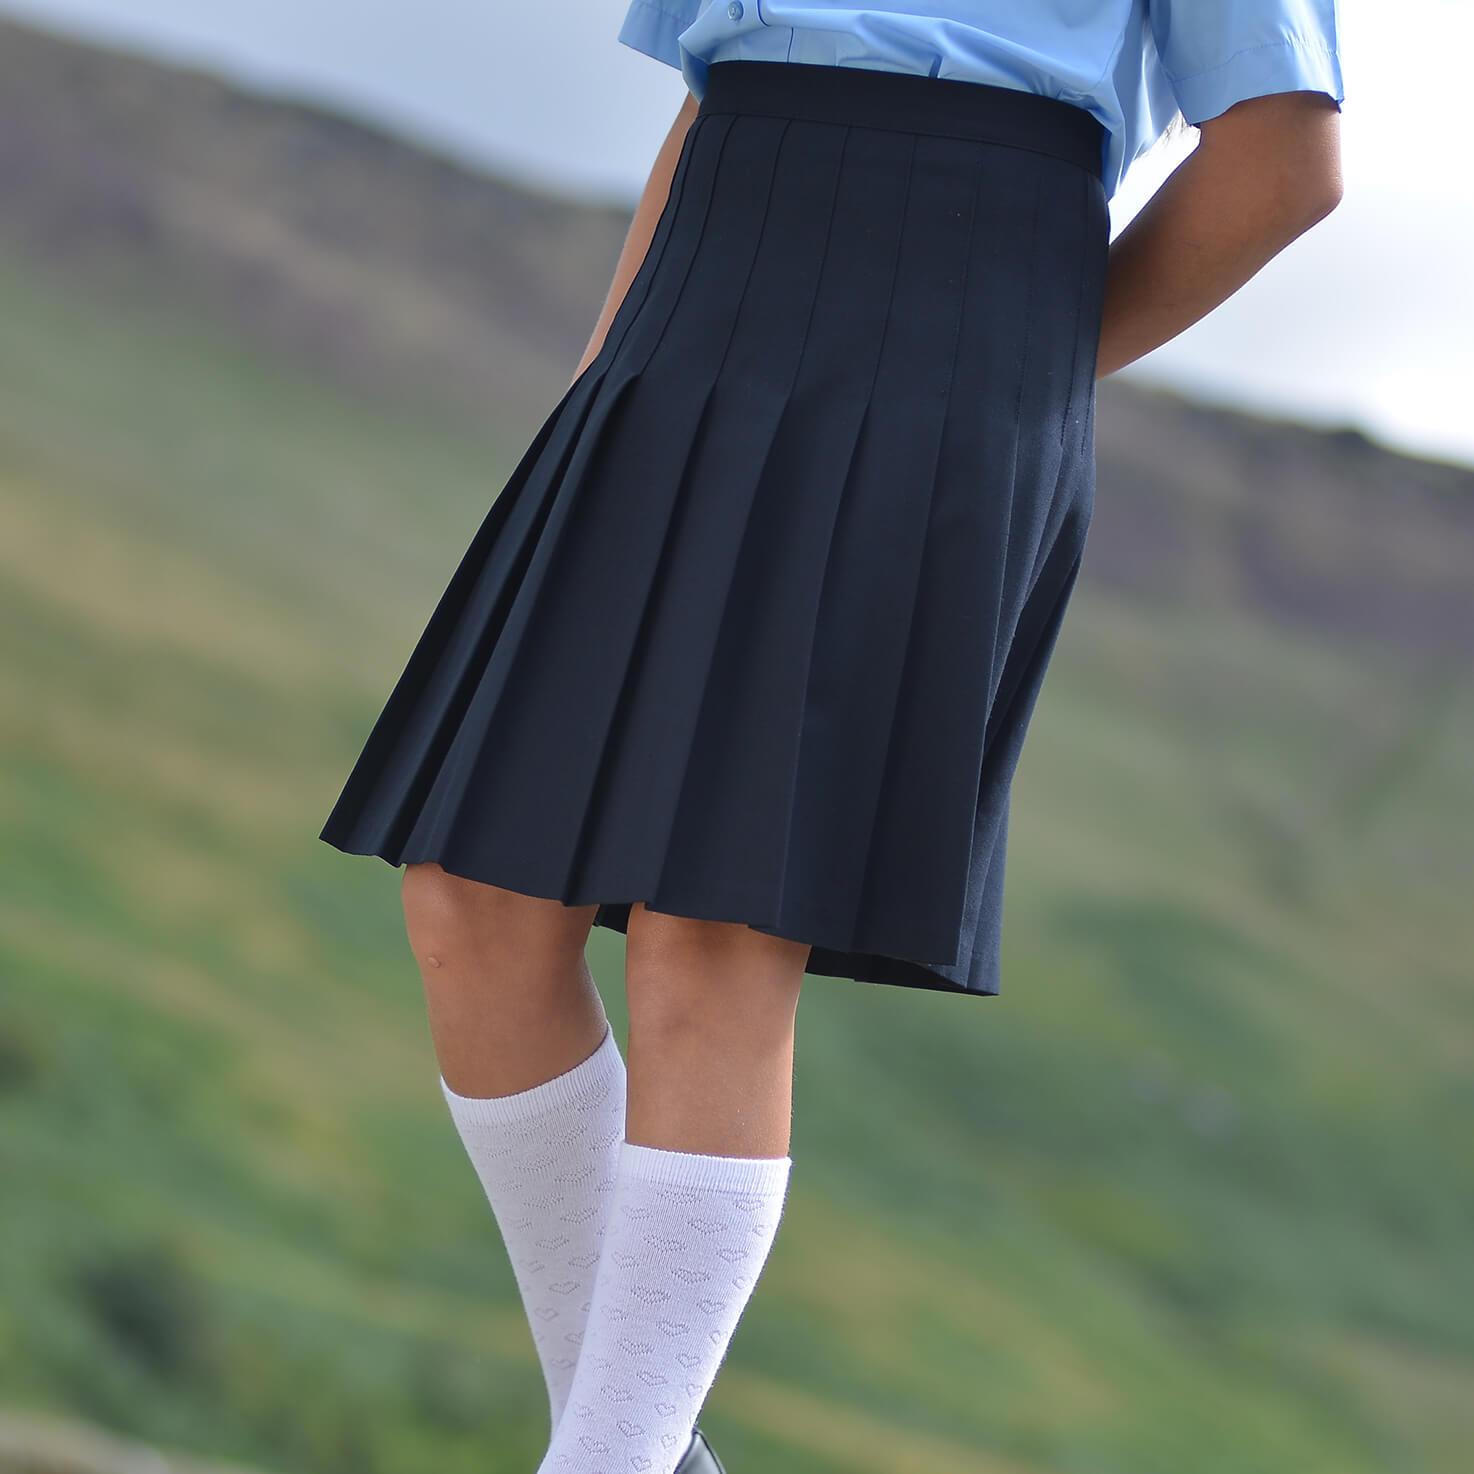 eb8da14ed2eb Jupe plissée – Reims – Mon uniforme scolaire